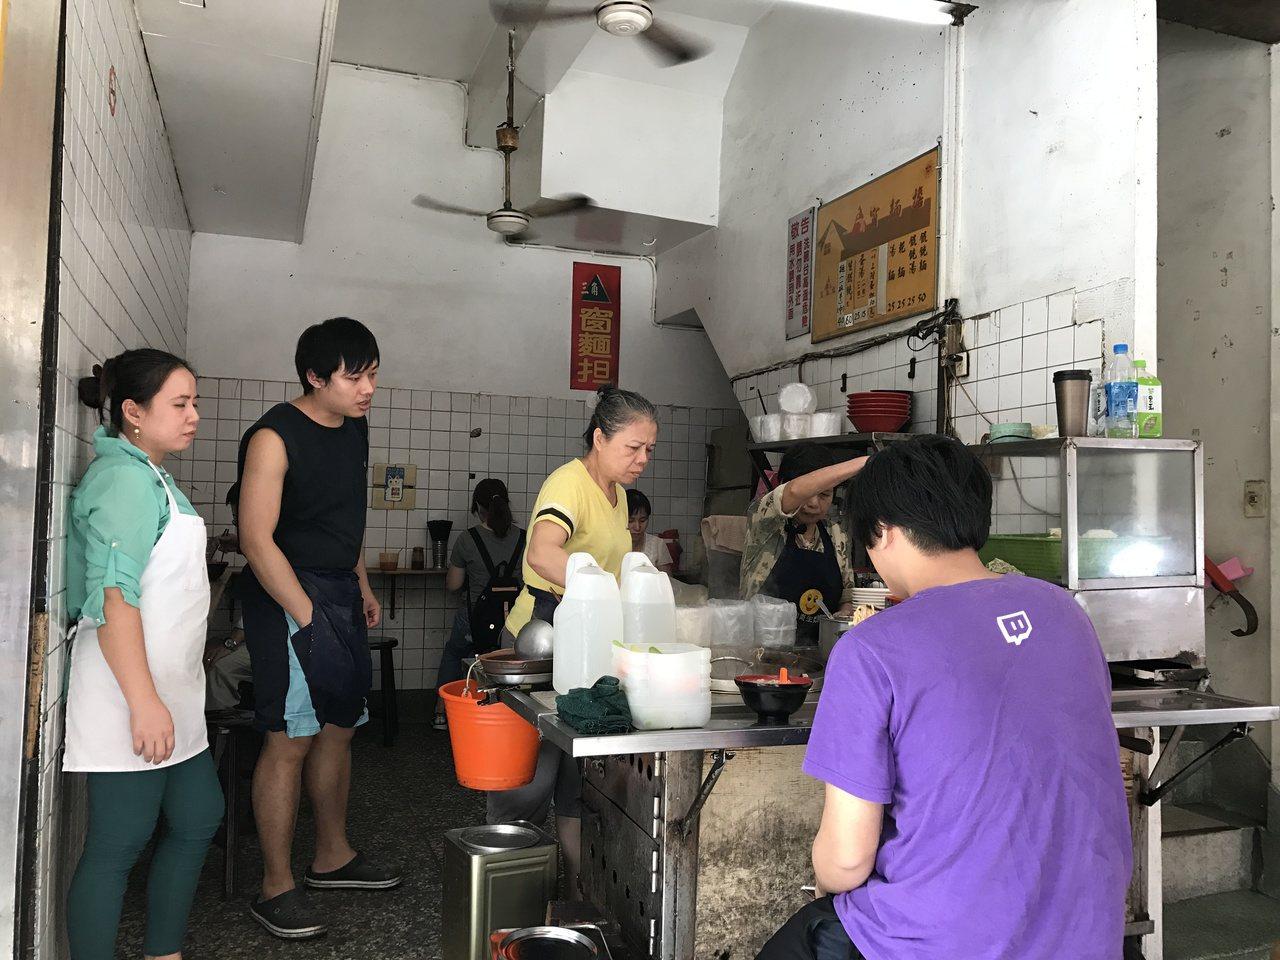 三角窗麵攤只賣乾麵和餛飩湯,可加蛋,簡單的美味飄香數十年,每到用餐時間就大排長龍...